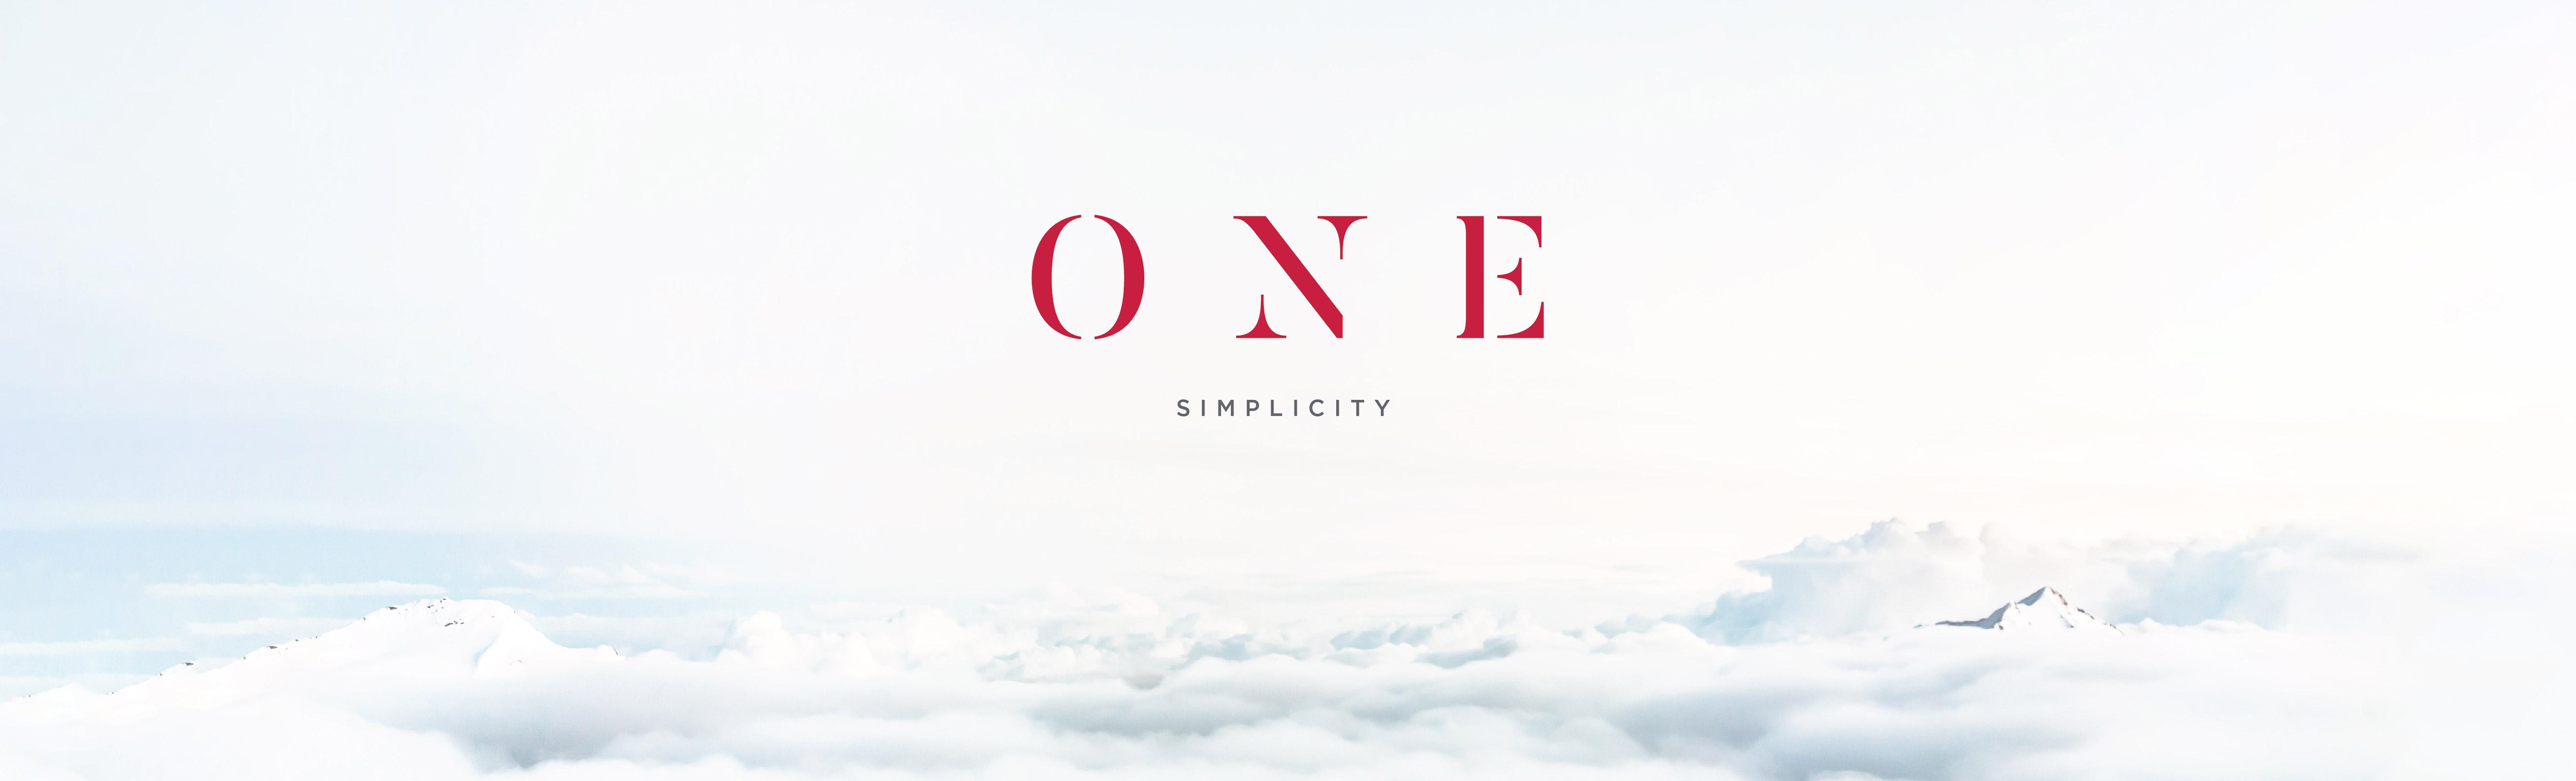 TAG ONE帐户 | 第一章:简洁流畅